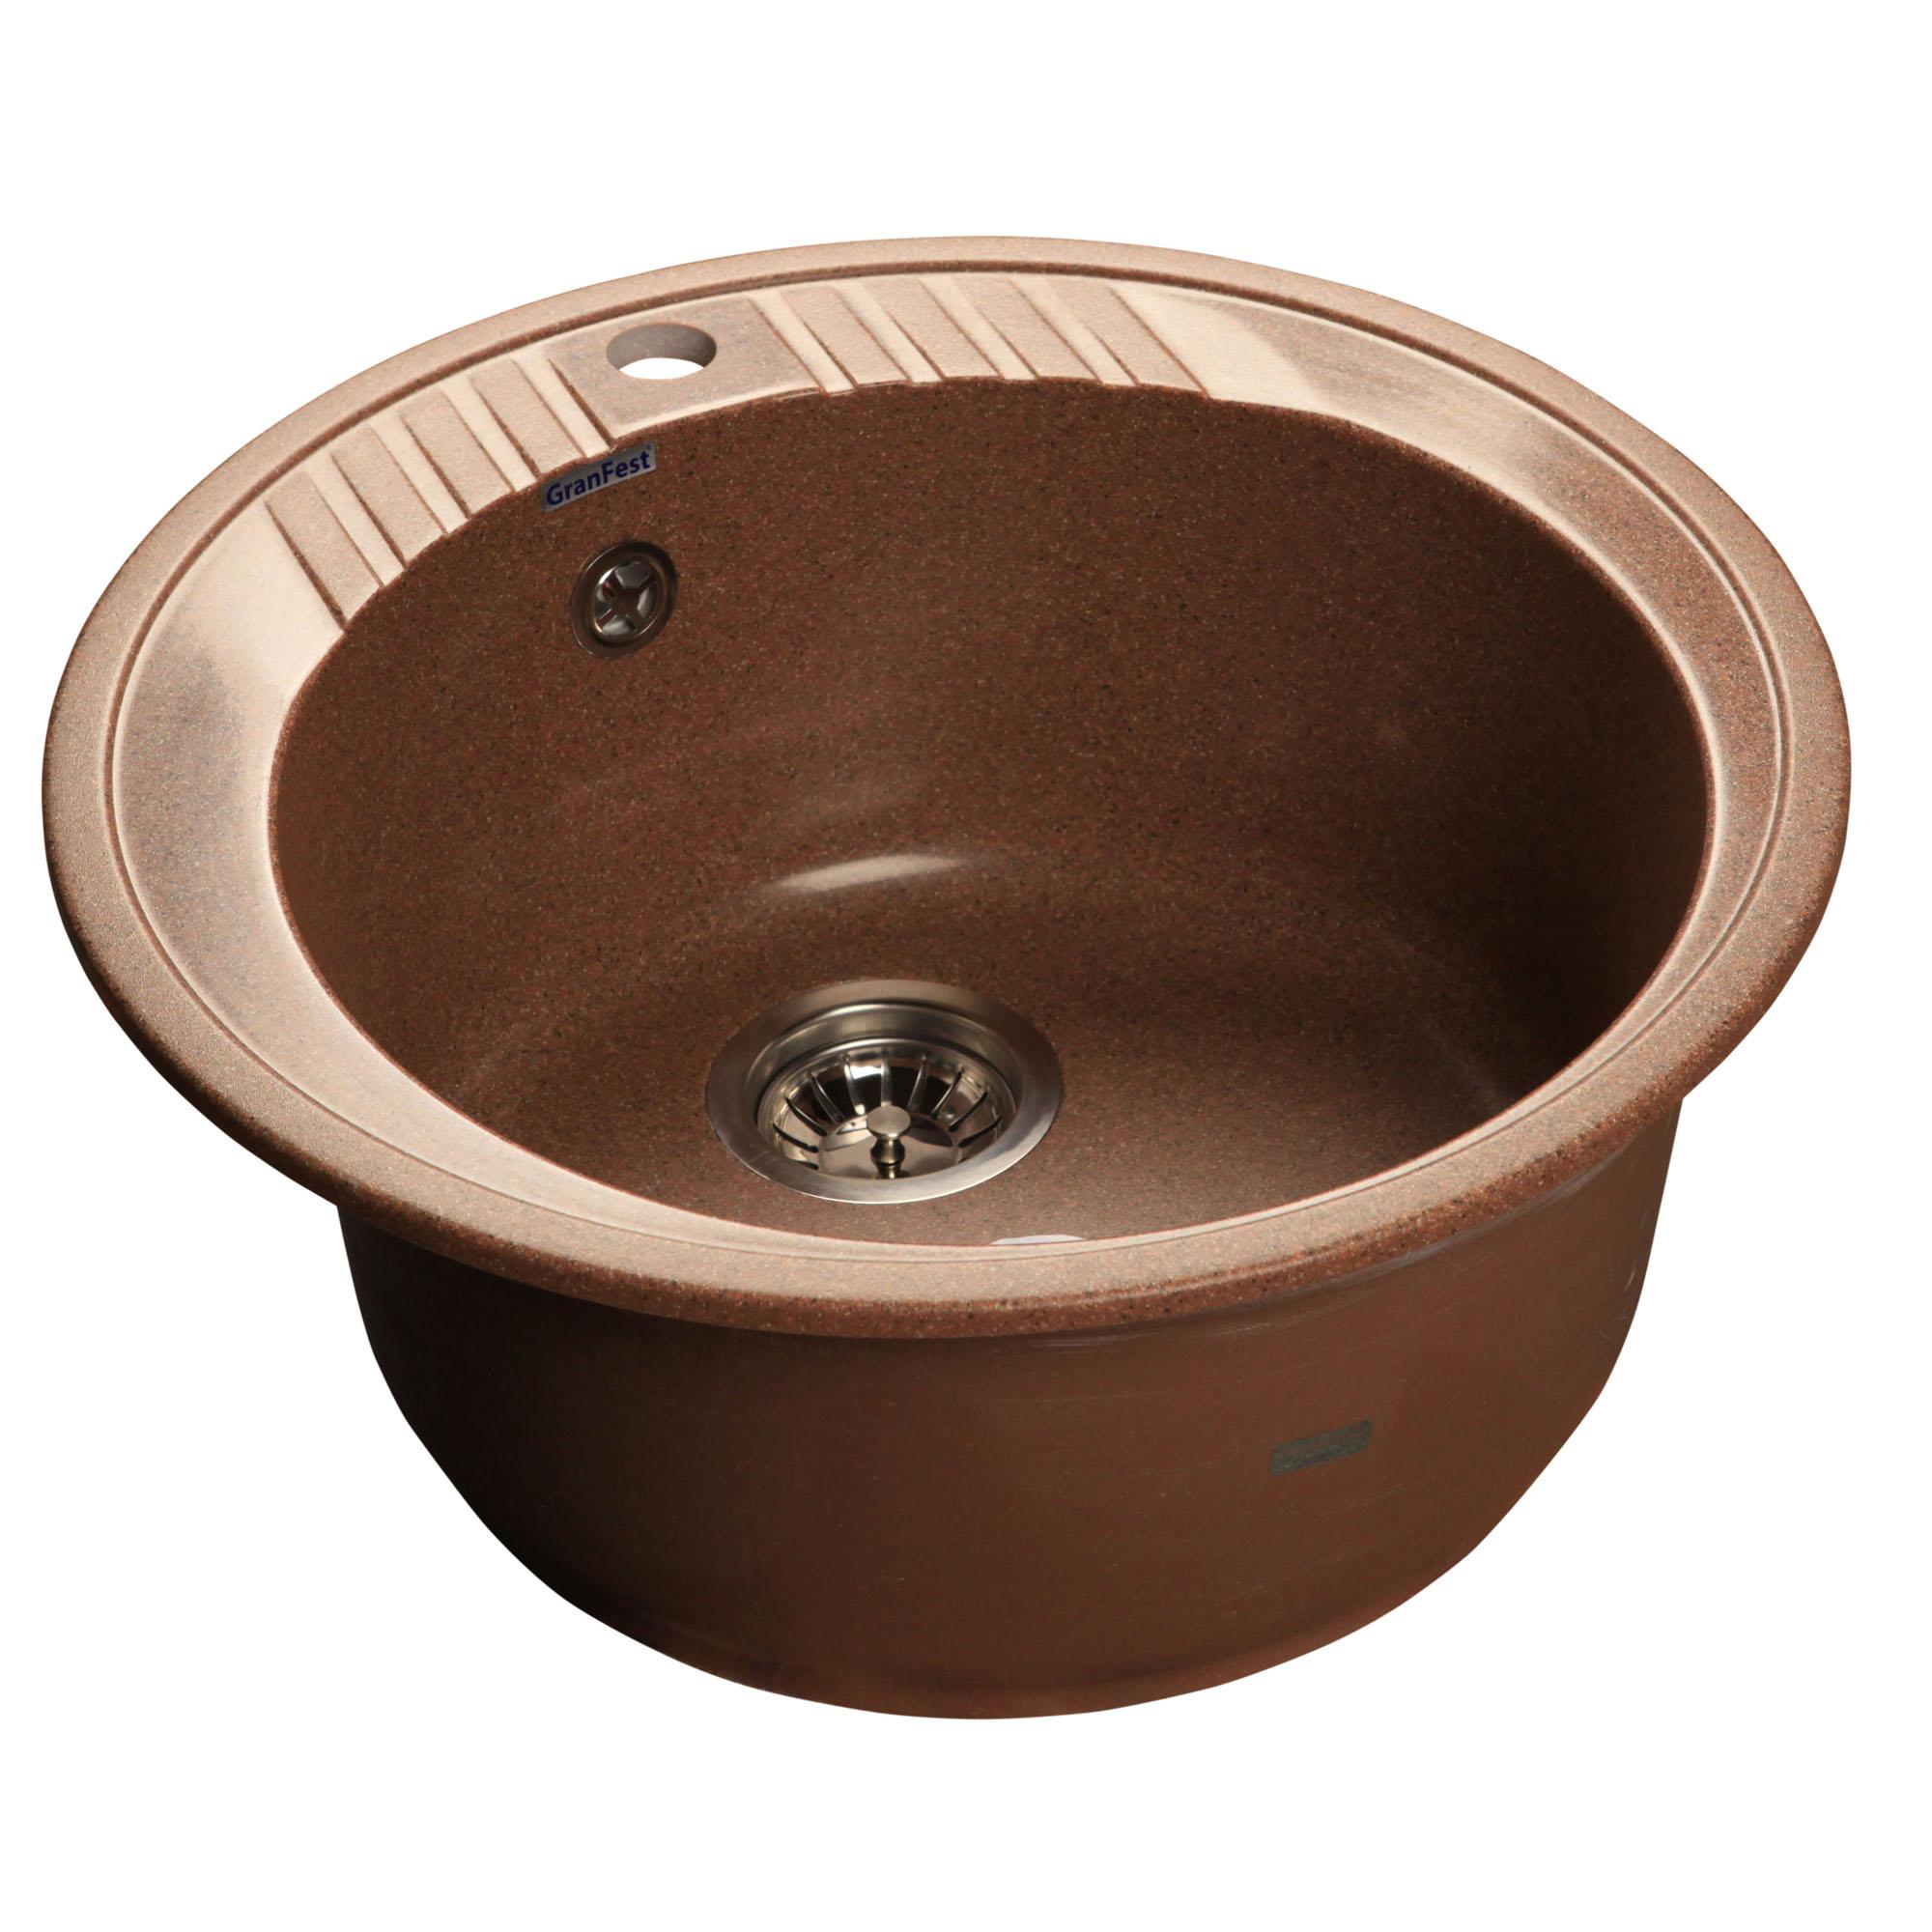 Кухонная мойка GranFest Rondo GF-R520 терракот мойка кухонная granfest гранит d520 gf r520 терракот